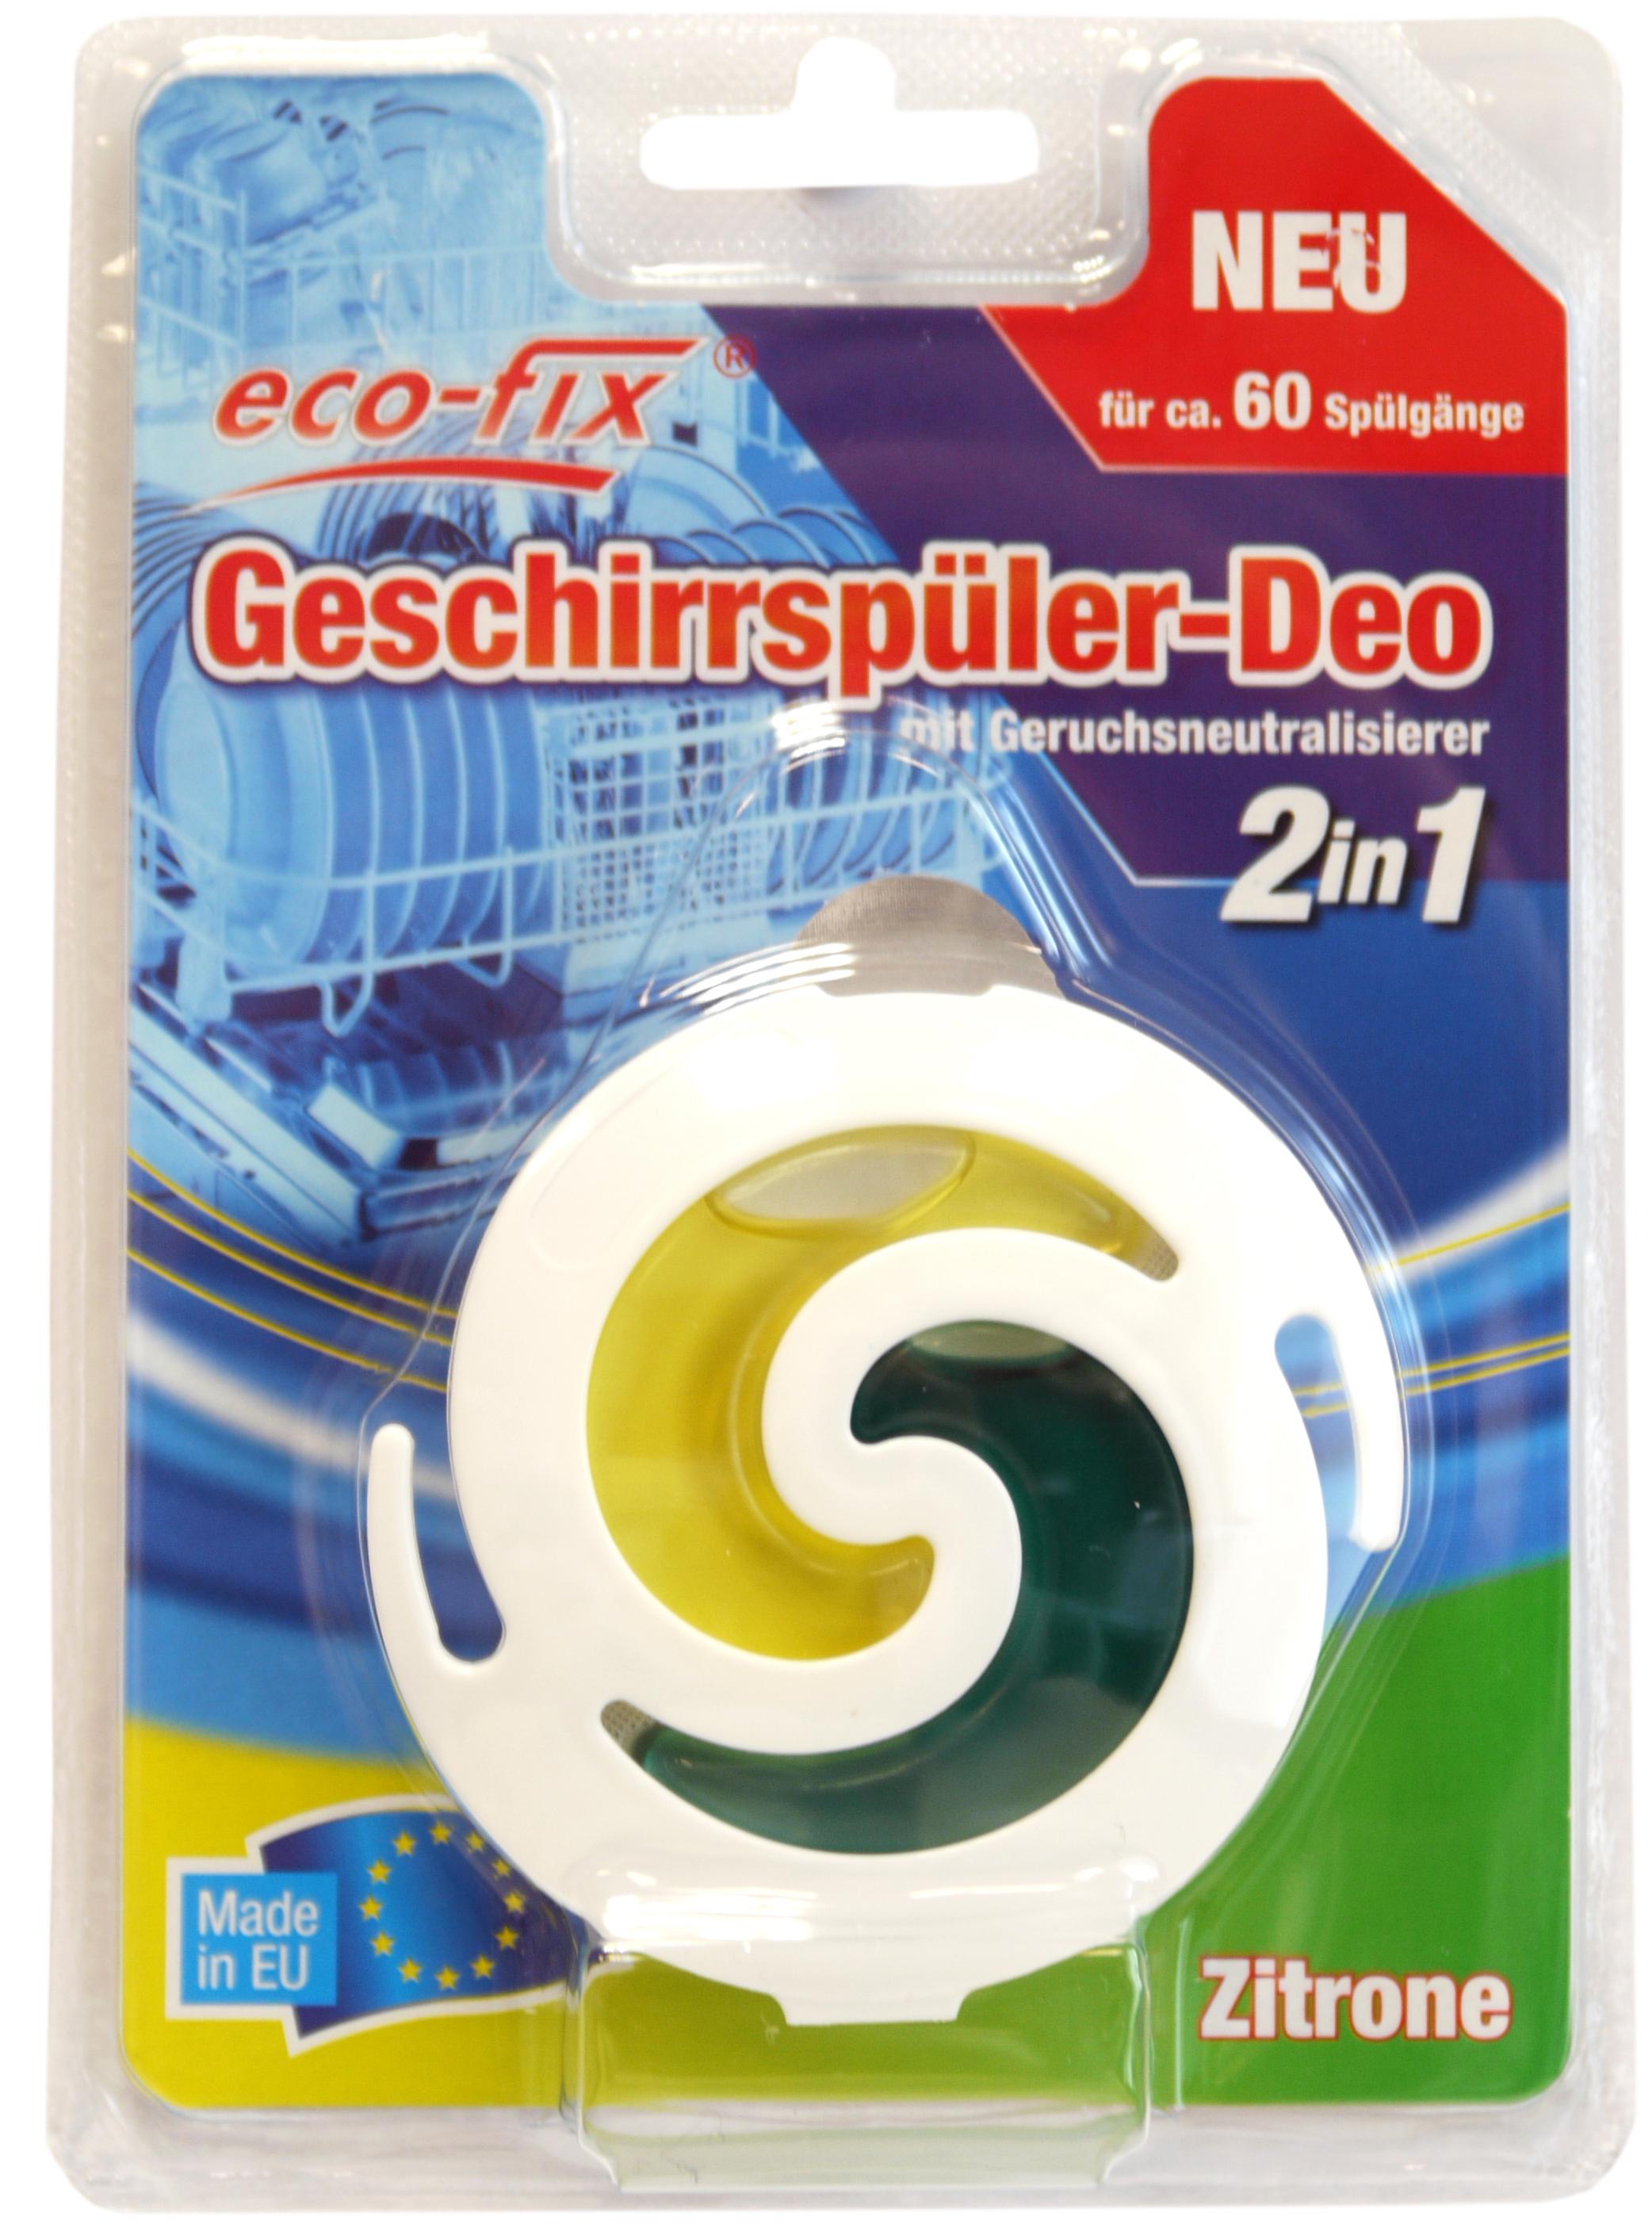 00525 - eco-fix Geschirrspüler-Deo, 2in1, Zitrone